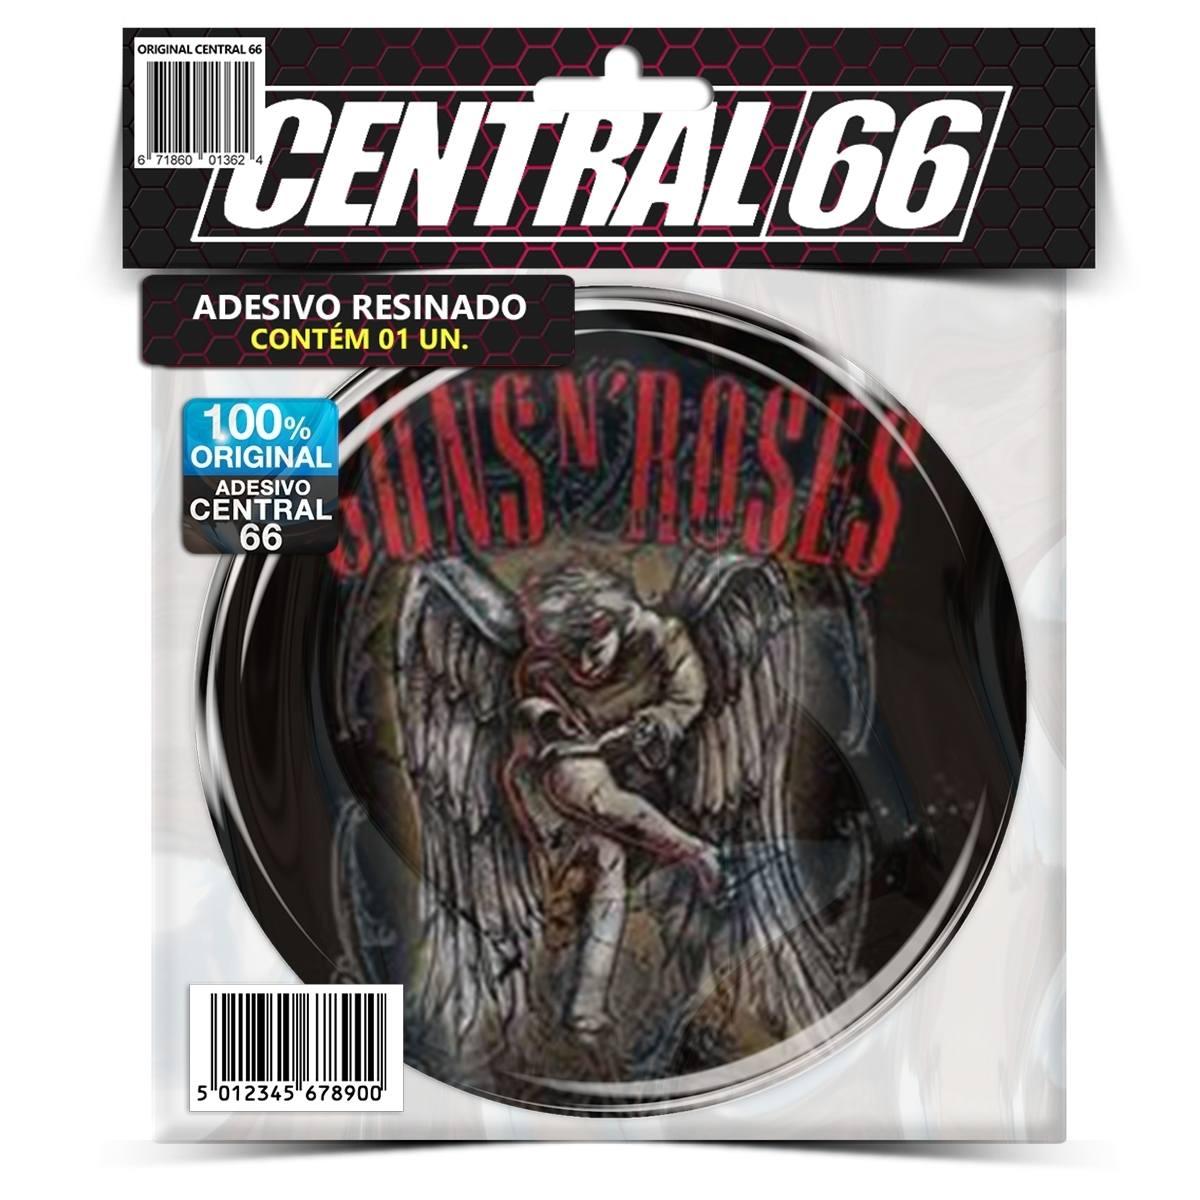 Adesivo Redondo Guns 'N Roses Anjo – Central 66